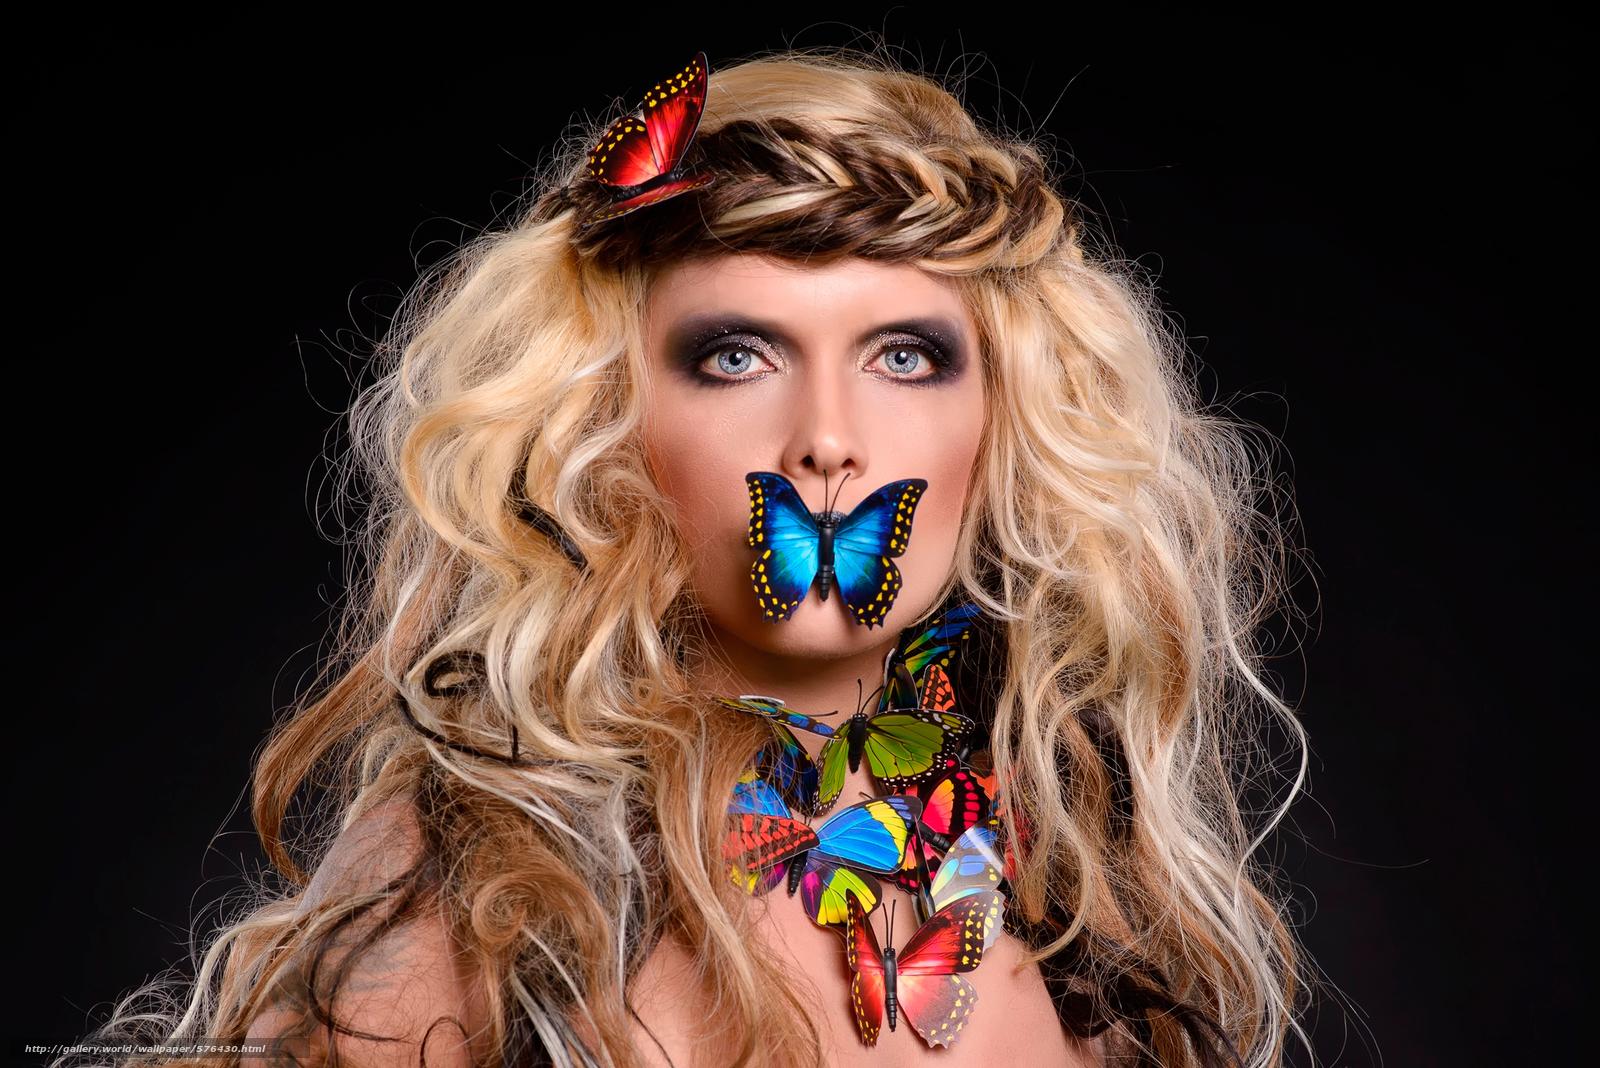 Tlcharger fond d 39 ecran papillons portrait bas sur le for Fond ecran portrait